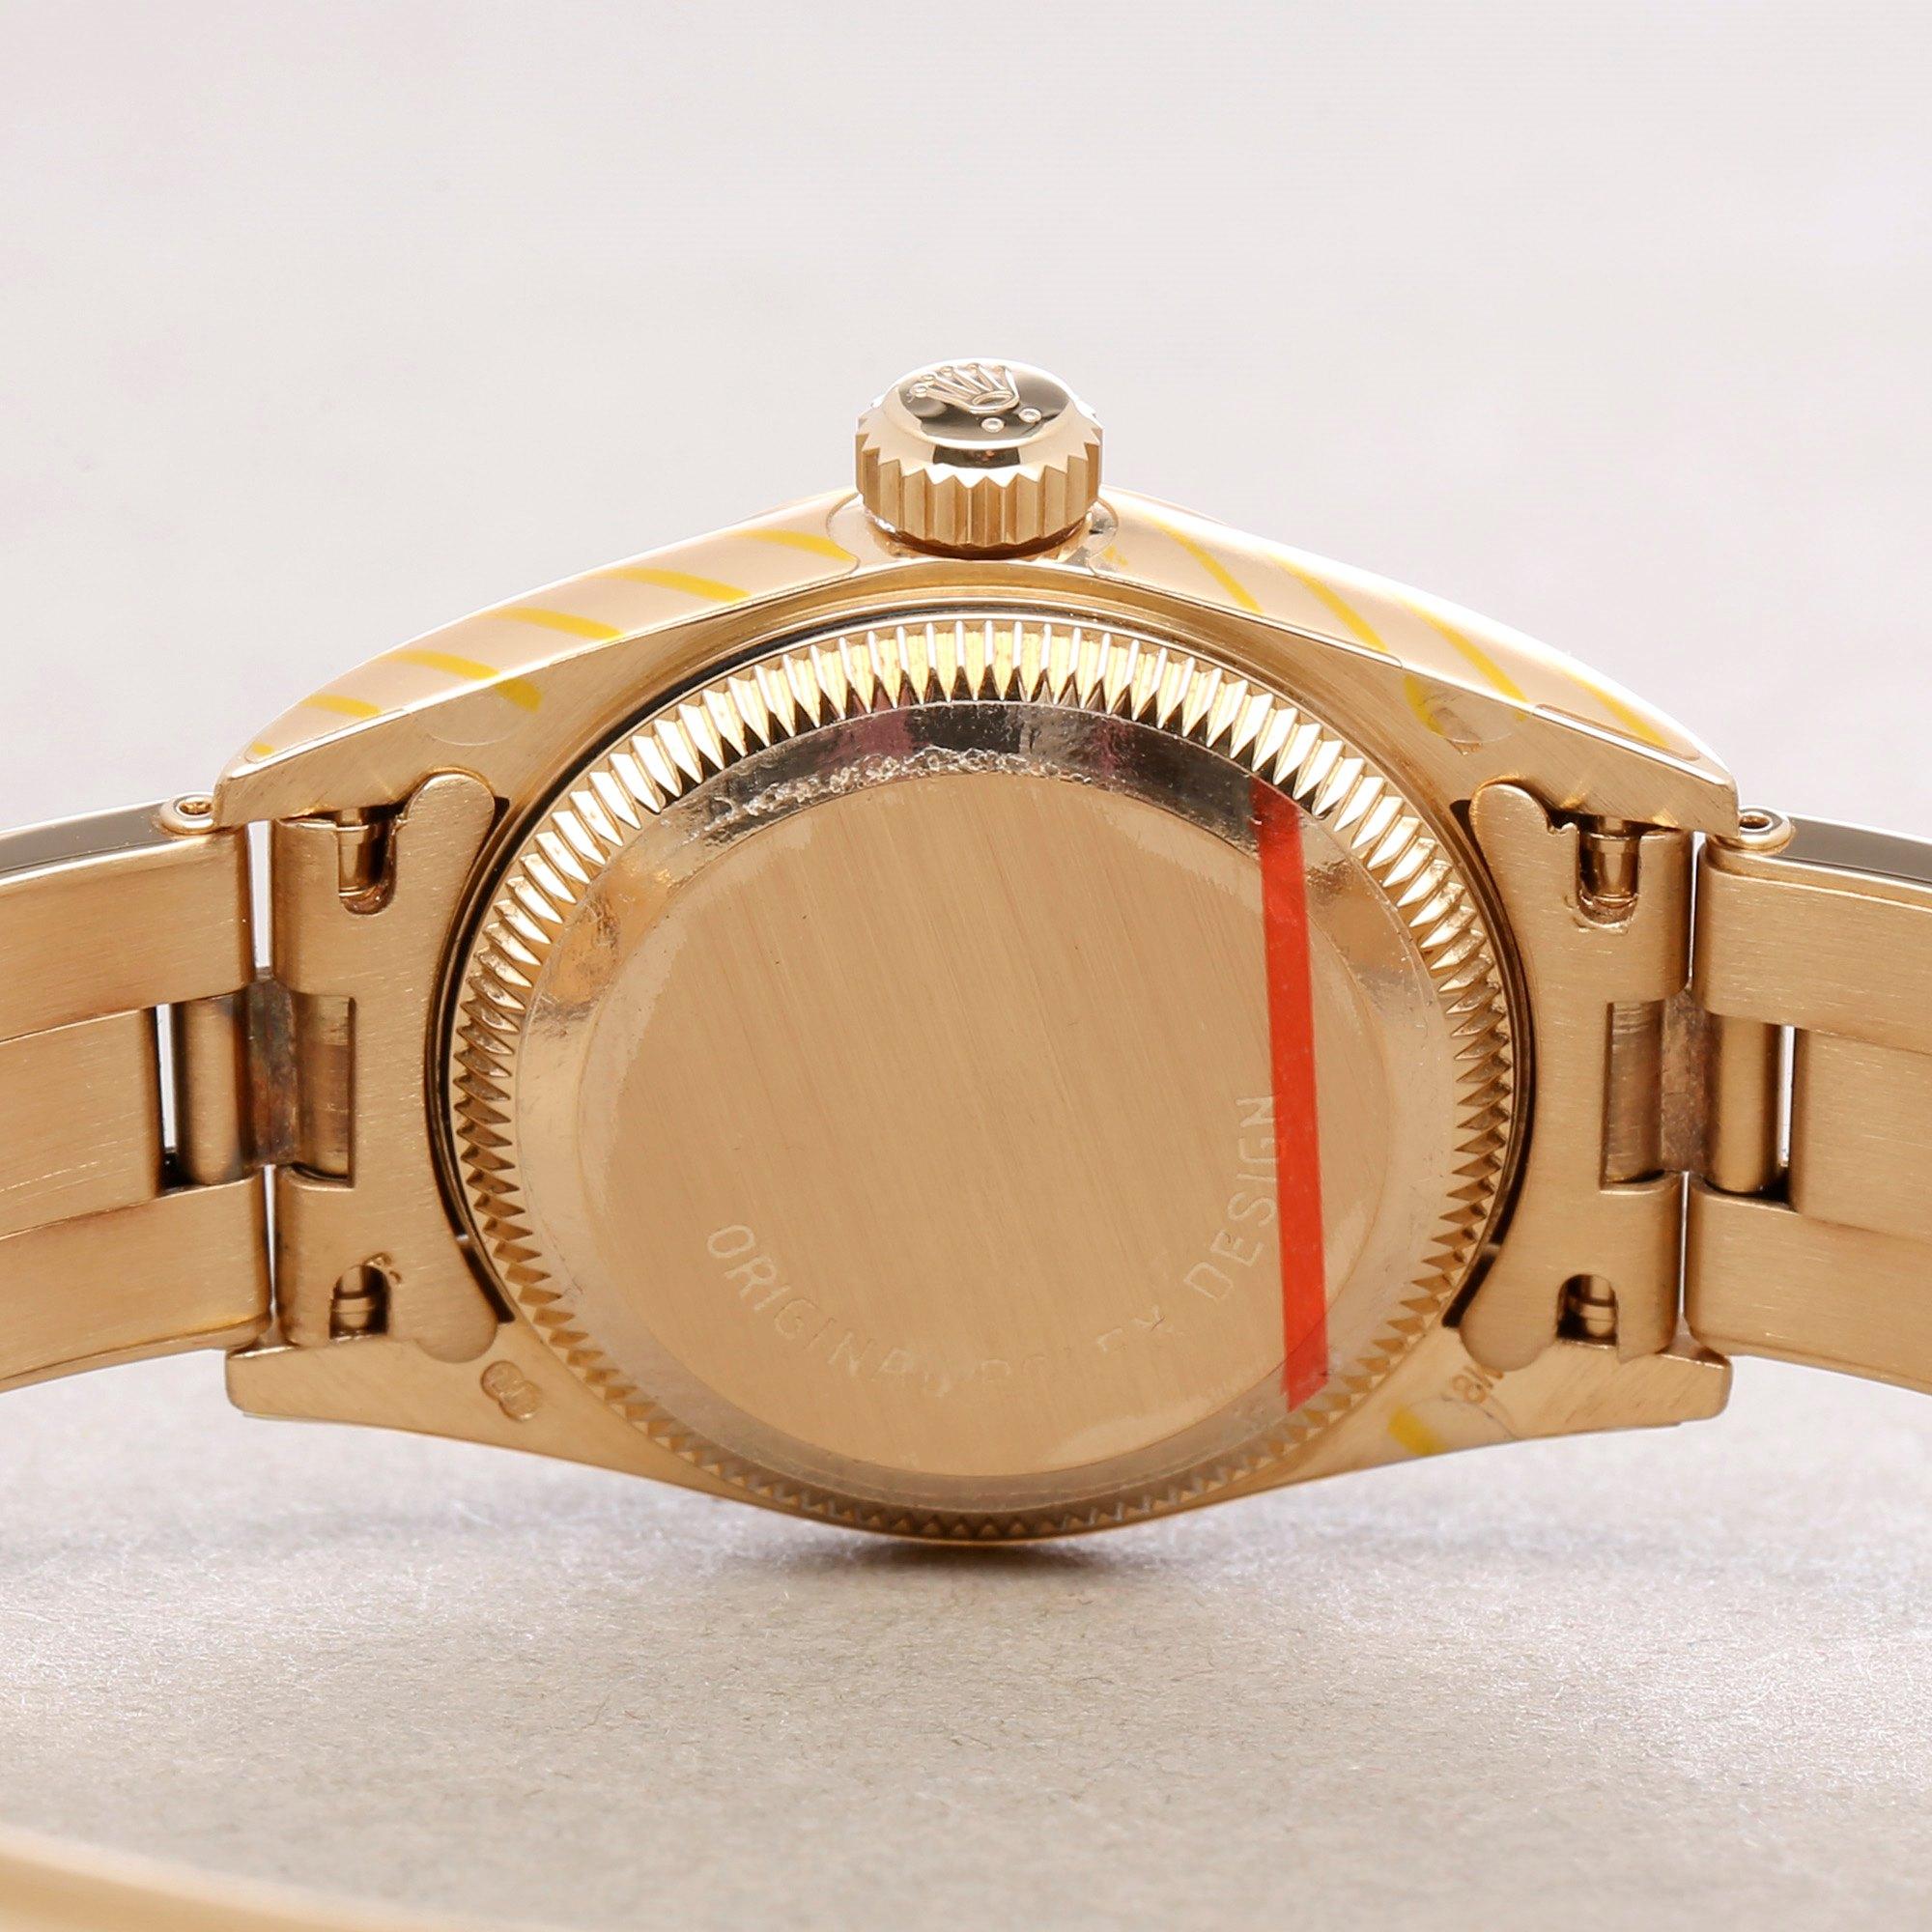 Rolex Oyster Perpetual 26 NOS 18K Geel Goud 67188